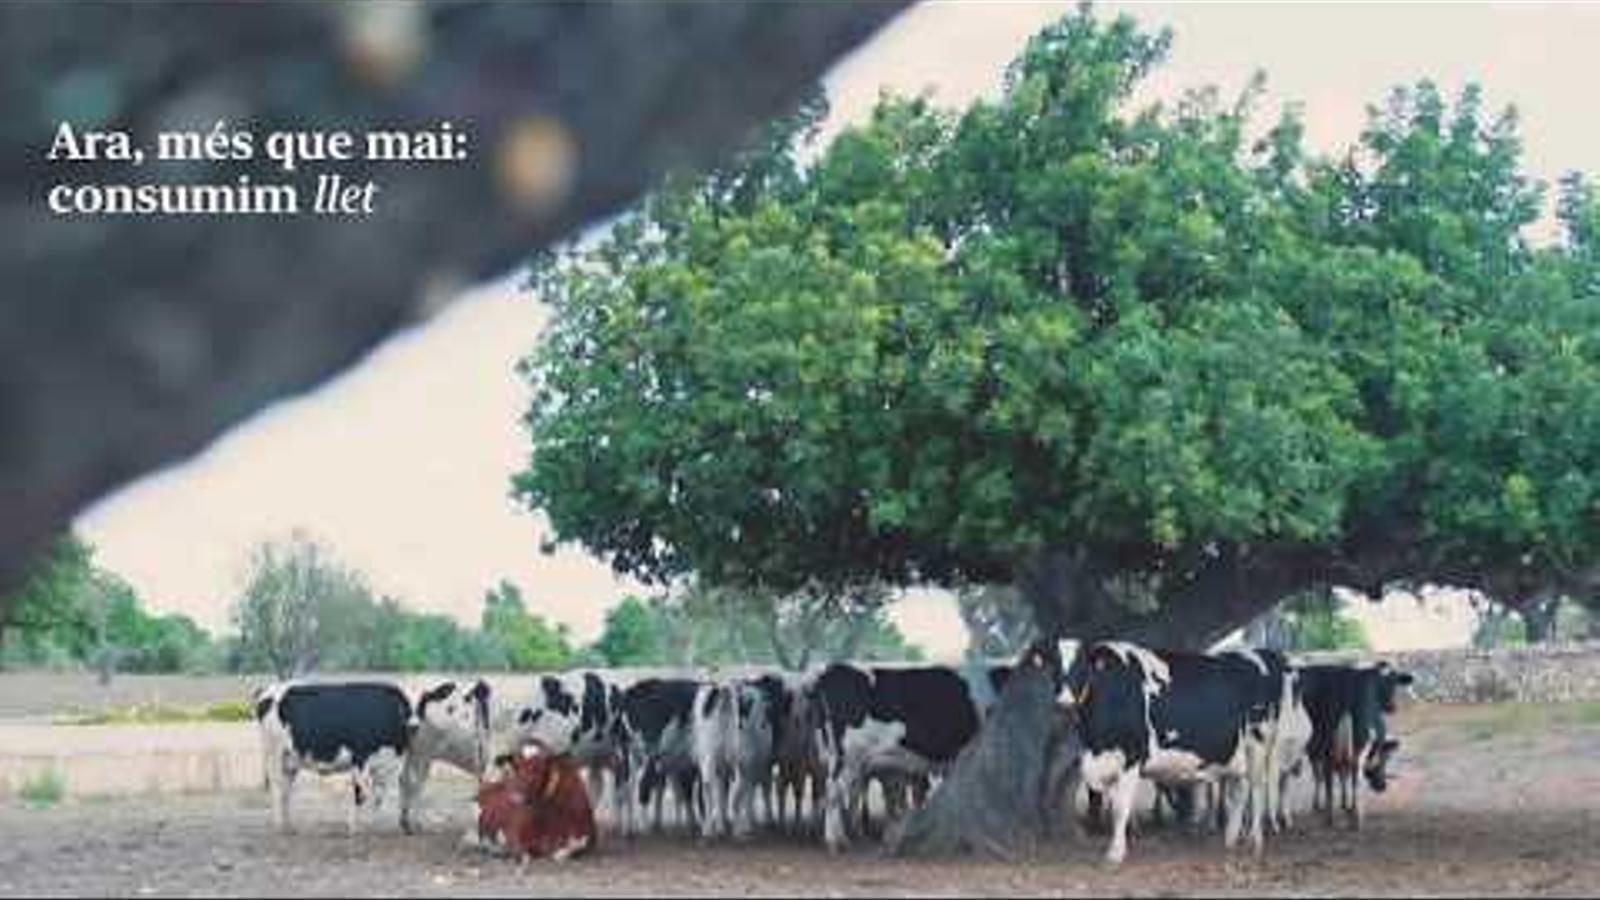 AGAMA - Consumim llet de les granges de Mallorca